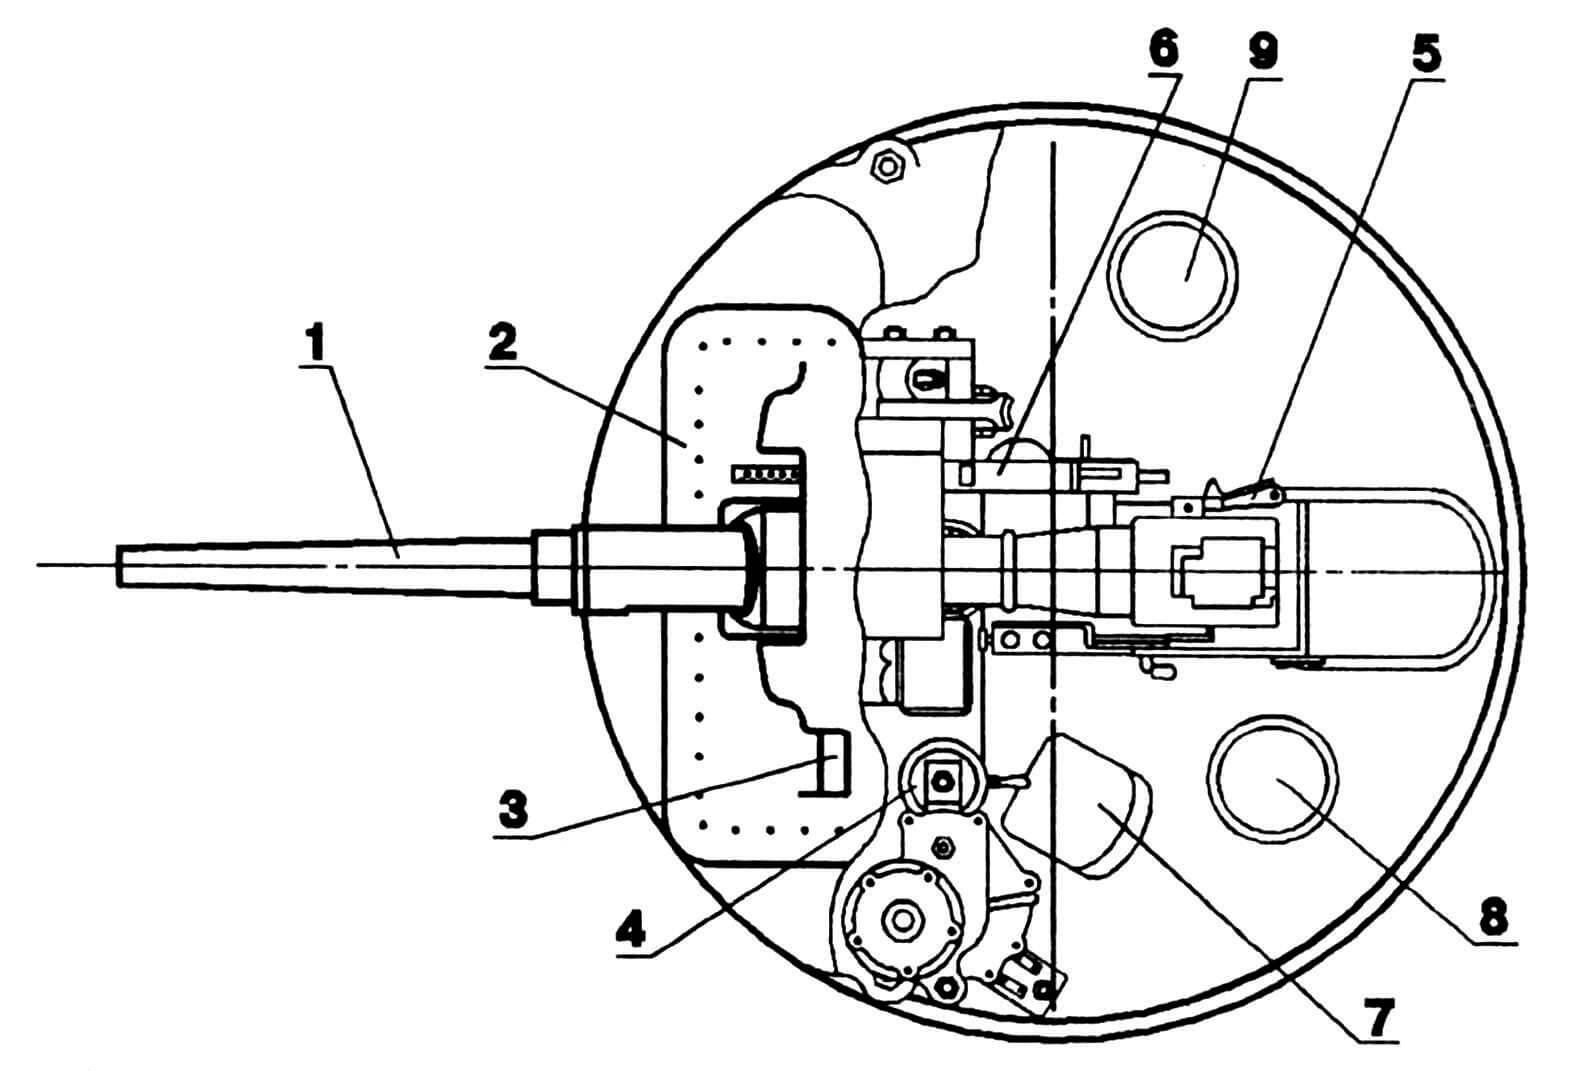 Схема расположения вооружения в башне танка: 1 — пушка 37-мм, 2 — маска, 3 — отверстие для установки перископического прицела, 4 — маховичок поворота башни, 5 — рукоятка затвора пушки, 6 — пулемет Browning, 7 — сиденье командира башни (наводчика), 8 — сиденье командира танка, 9 — сиденье заряжающего.